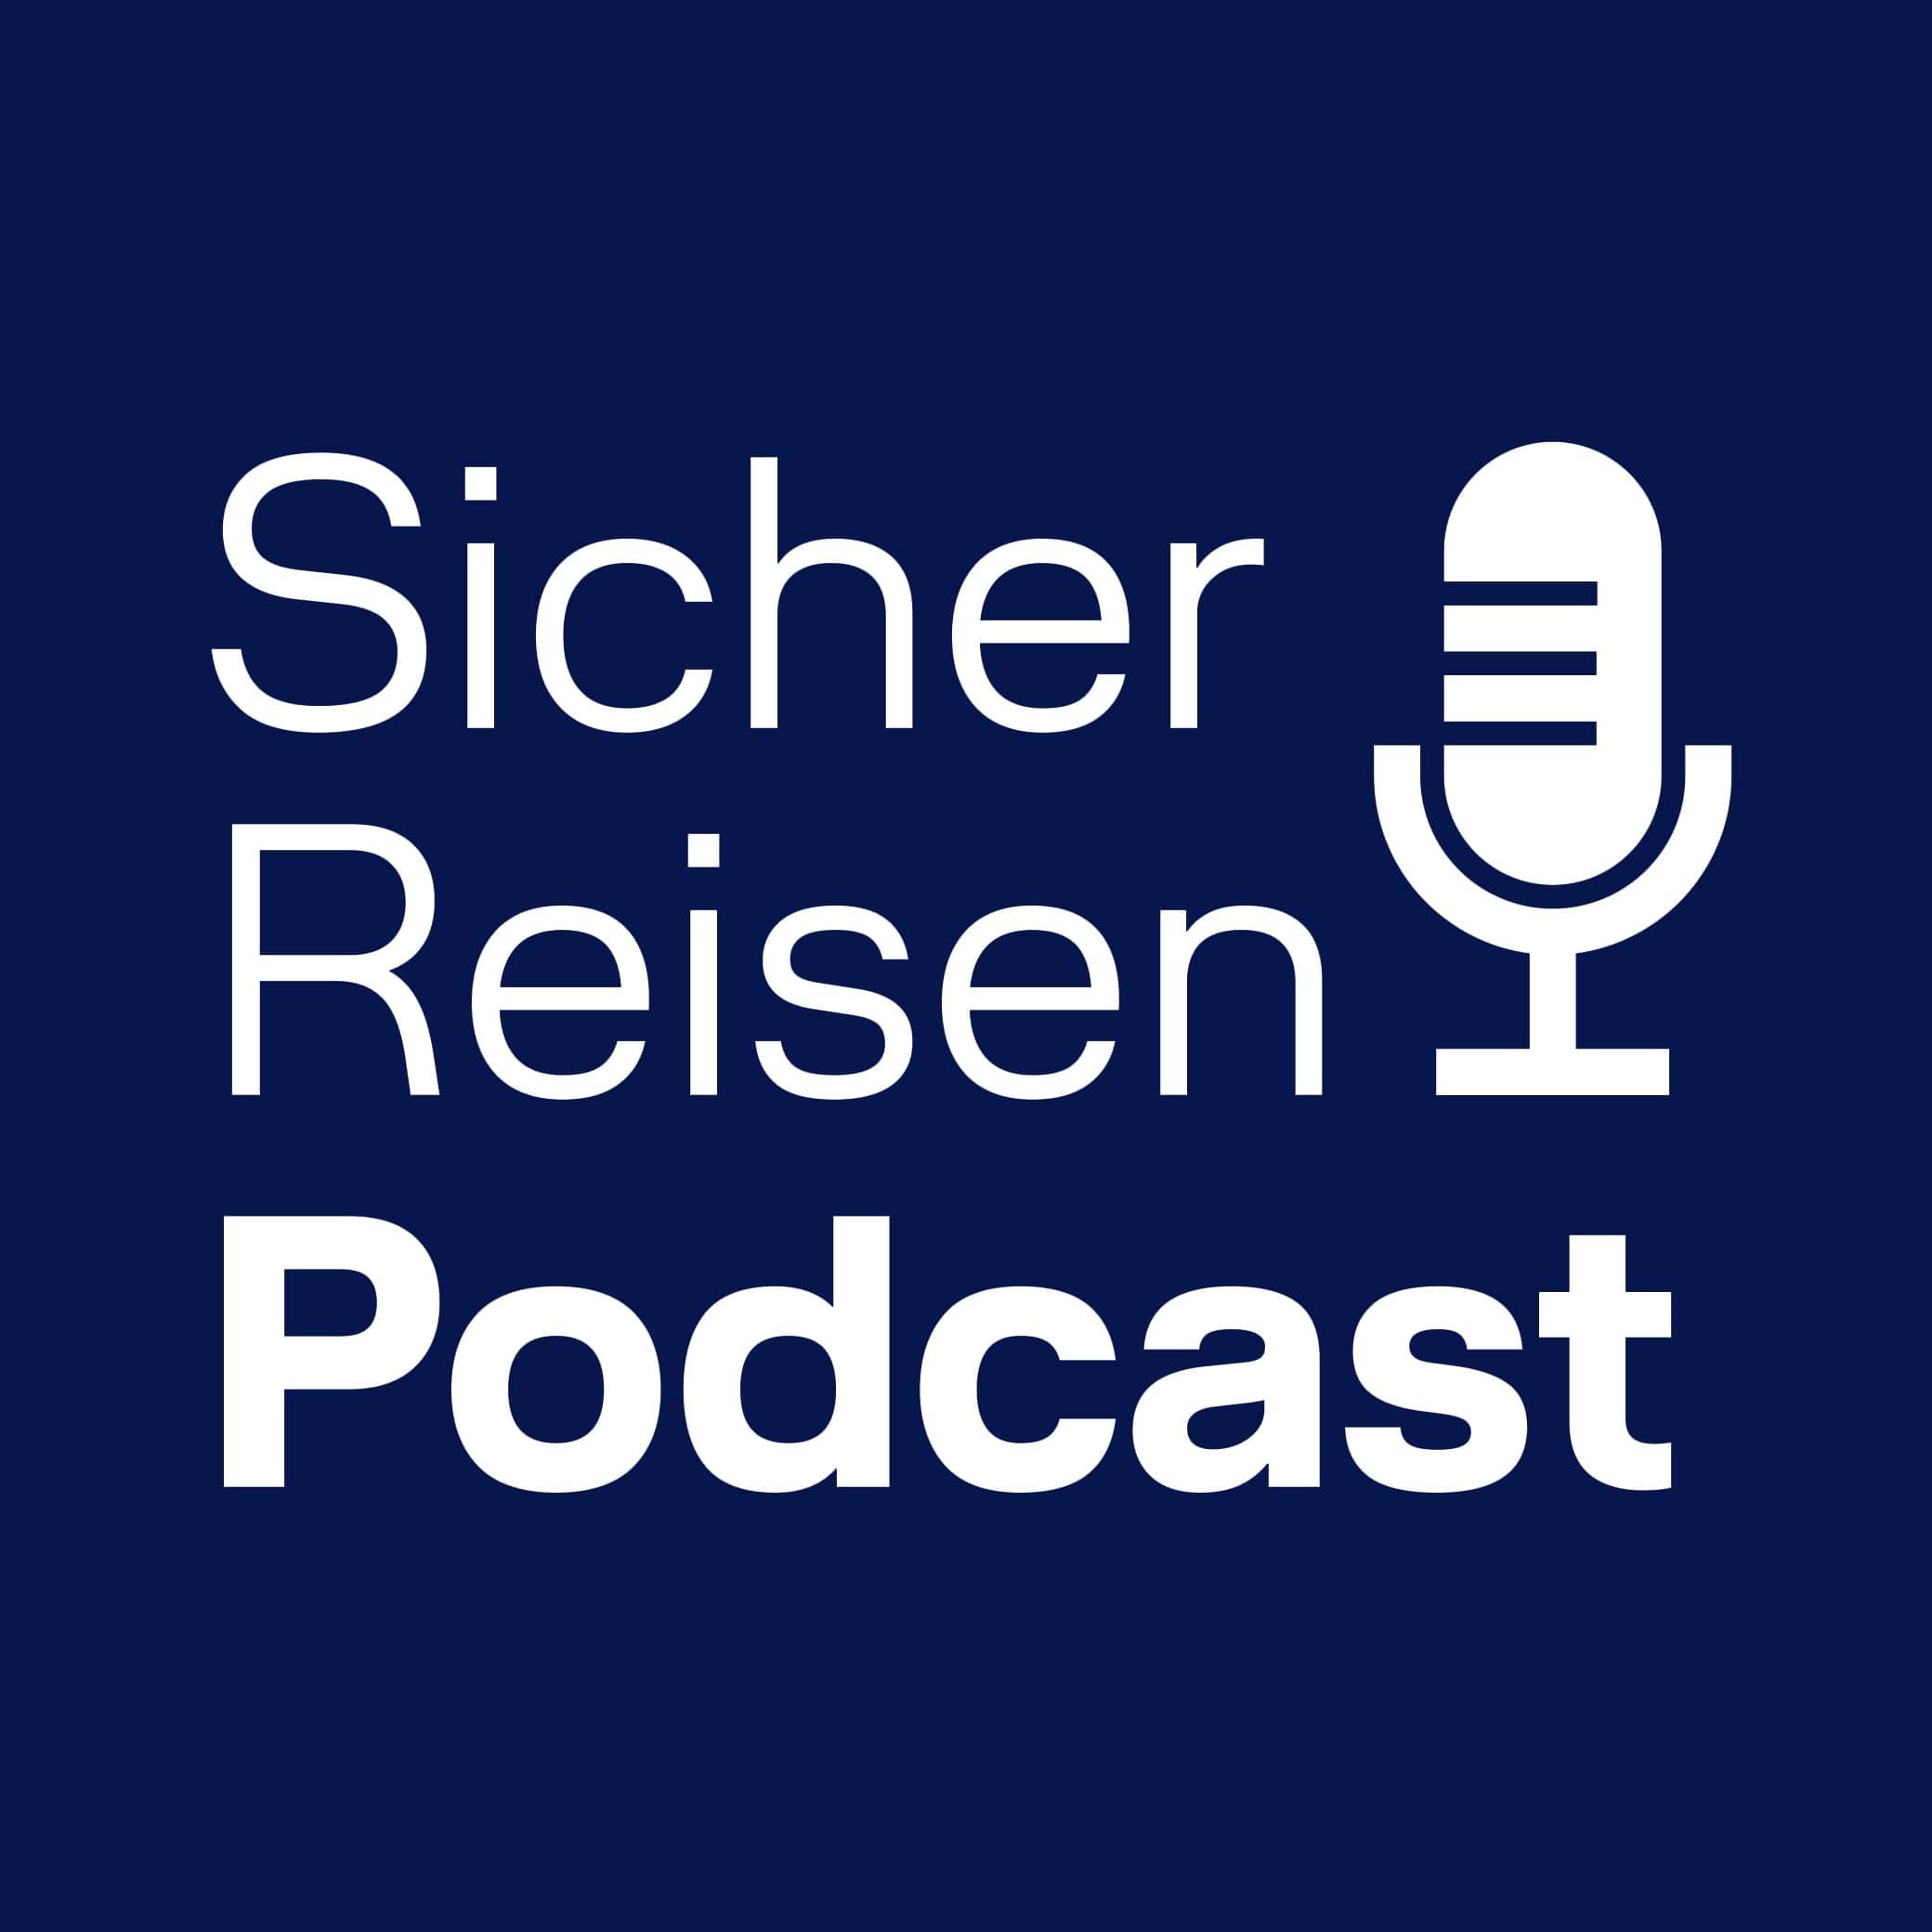 Artwork for podcast Sicher Reisen Podcast